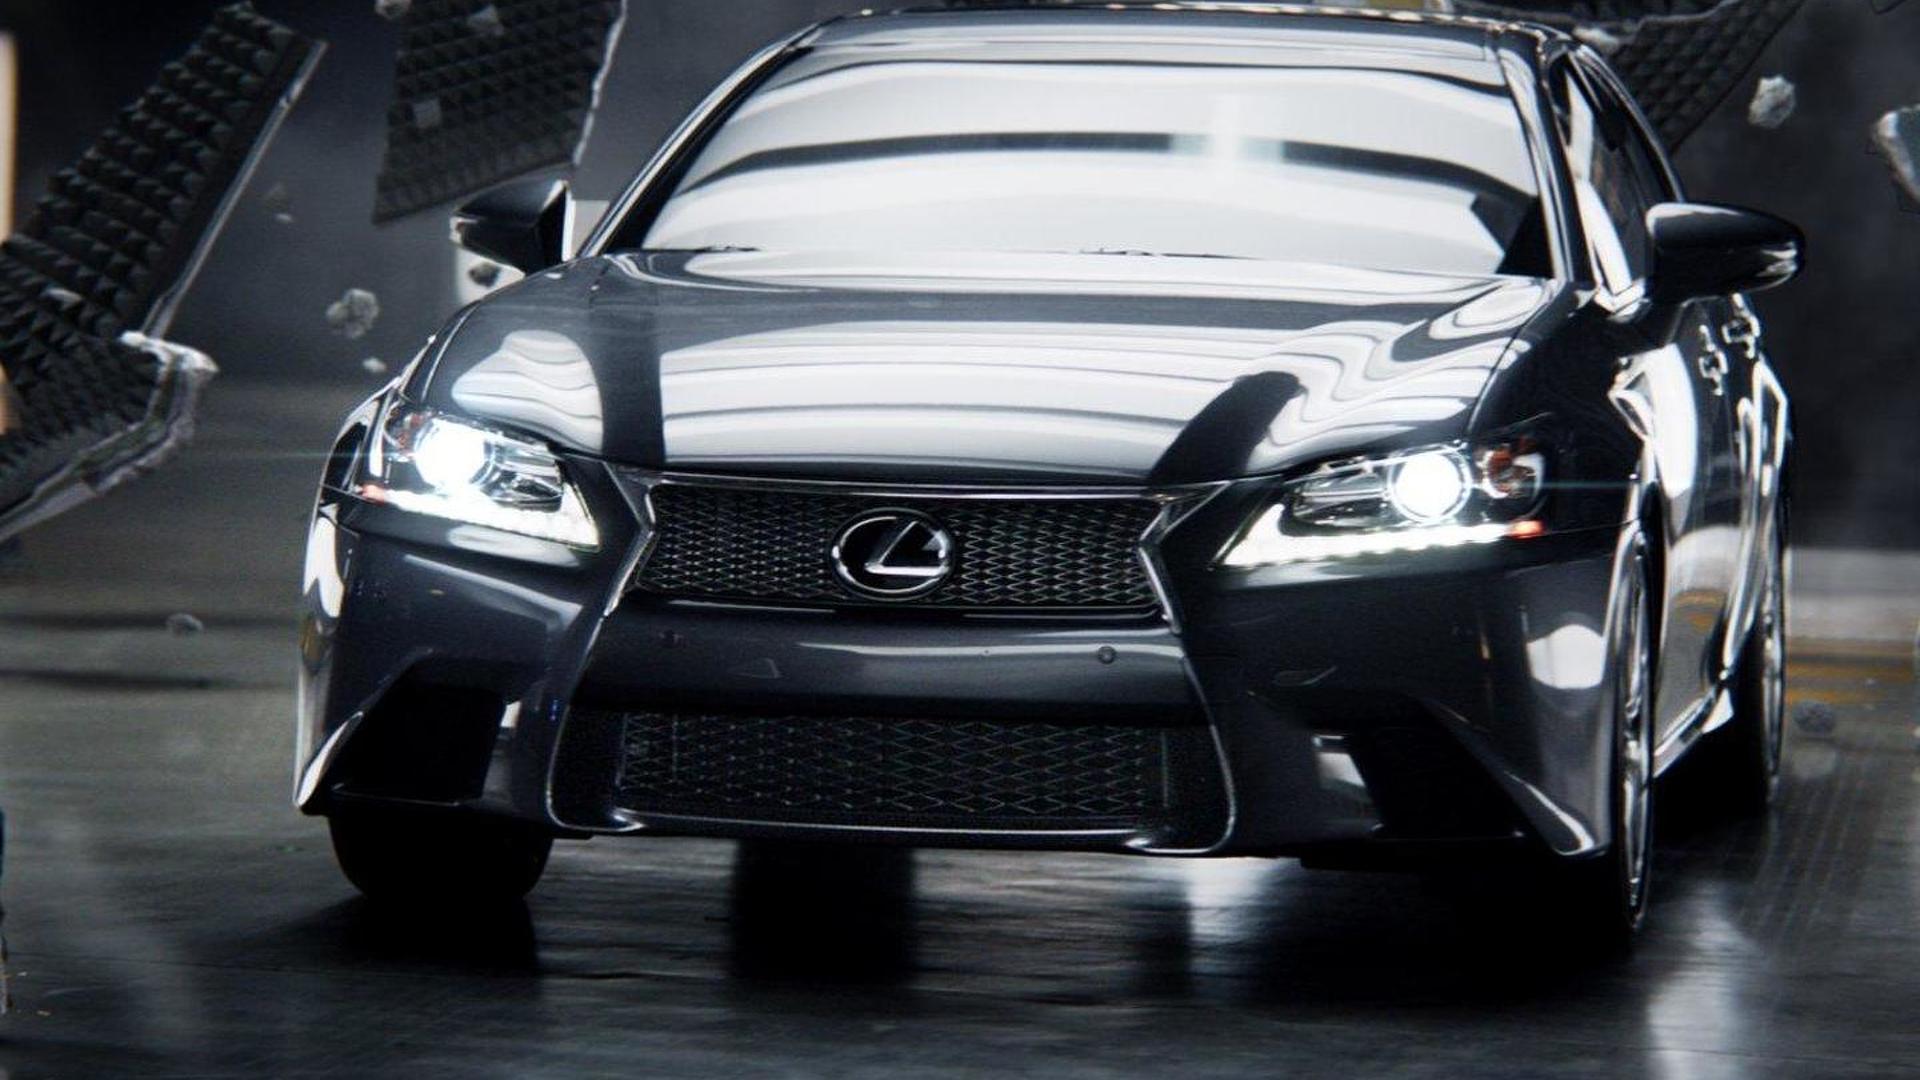 2012 Lexus GS Super Bowl XLVI commercial [video]